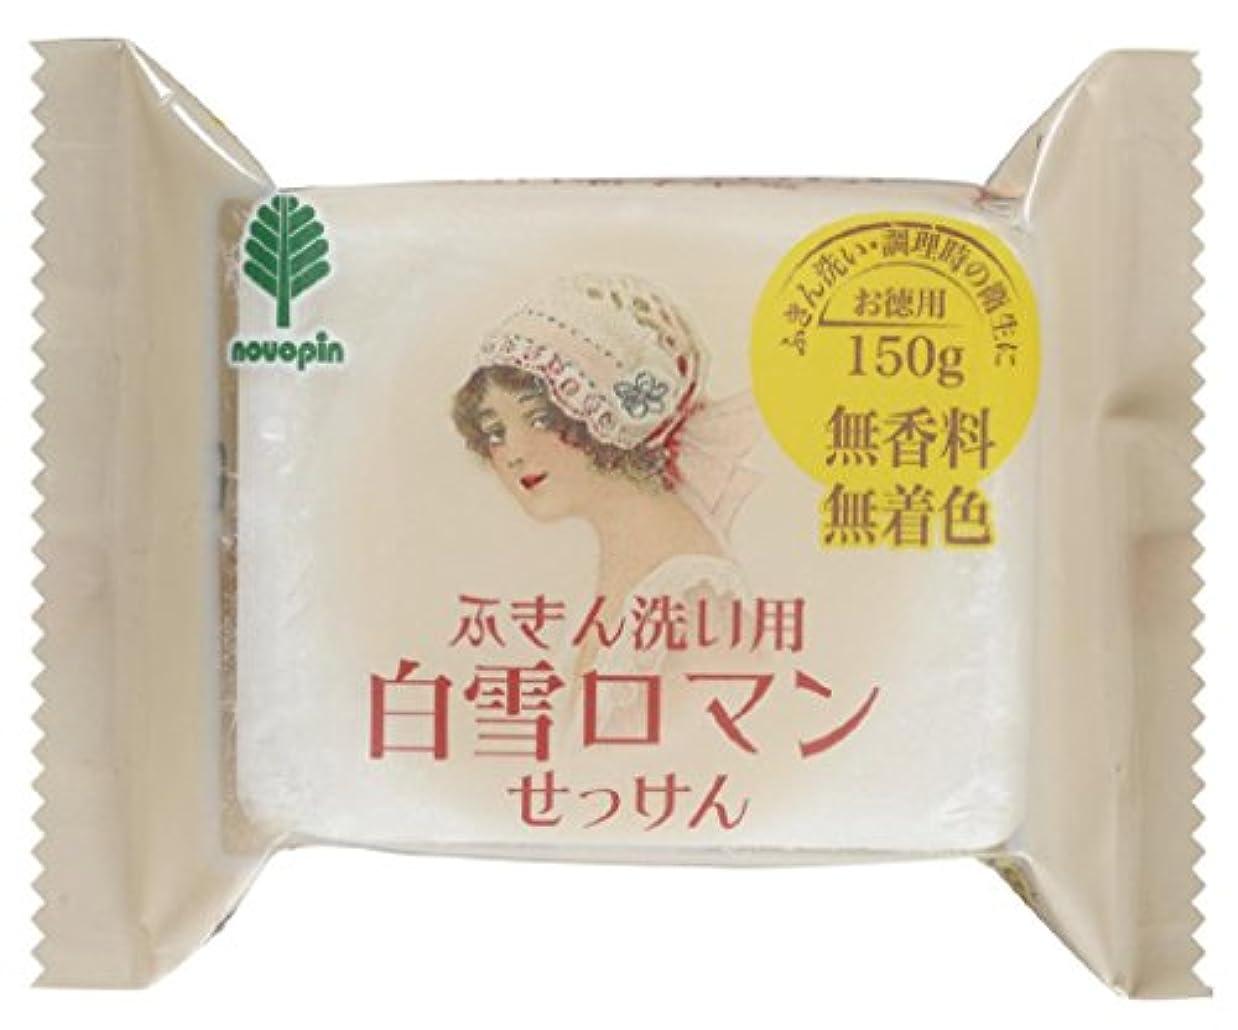 ひも線形中に白雪ロマンせっけん 【まとめ買い20個セット】 K-2417 日本製 Japan